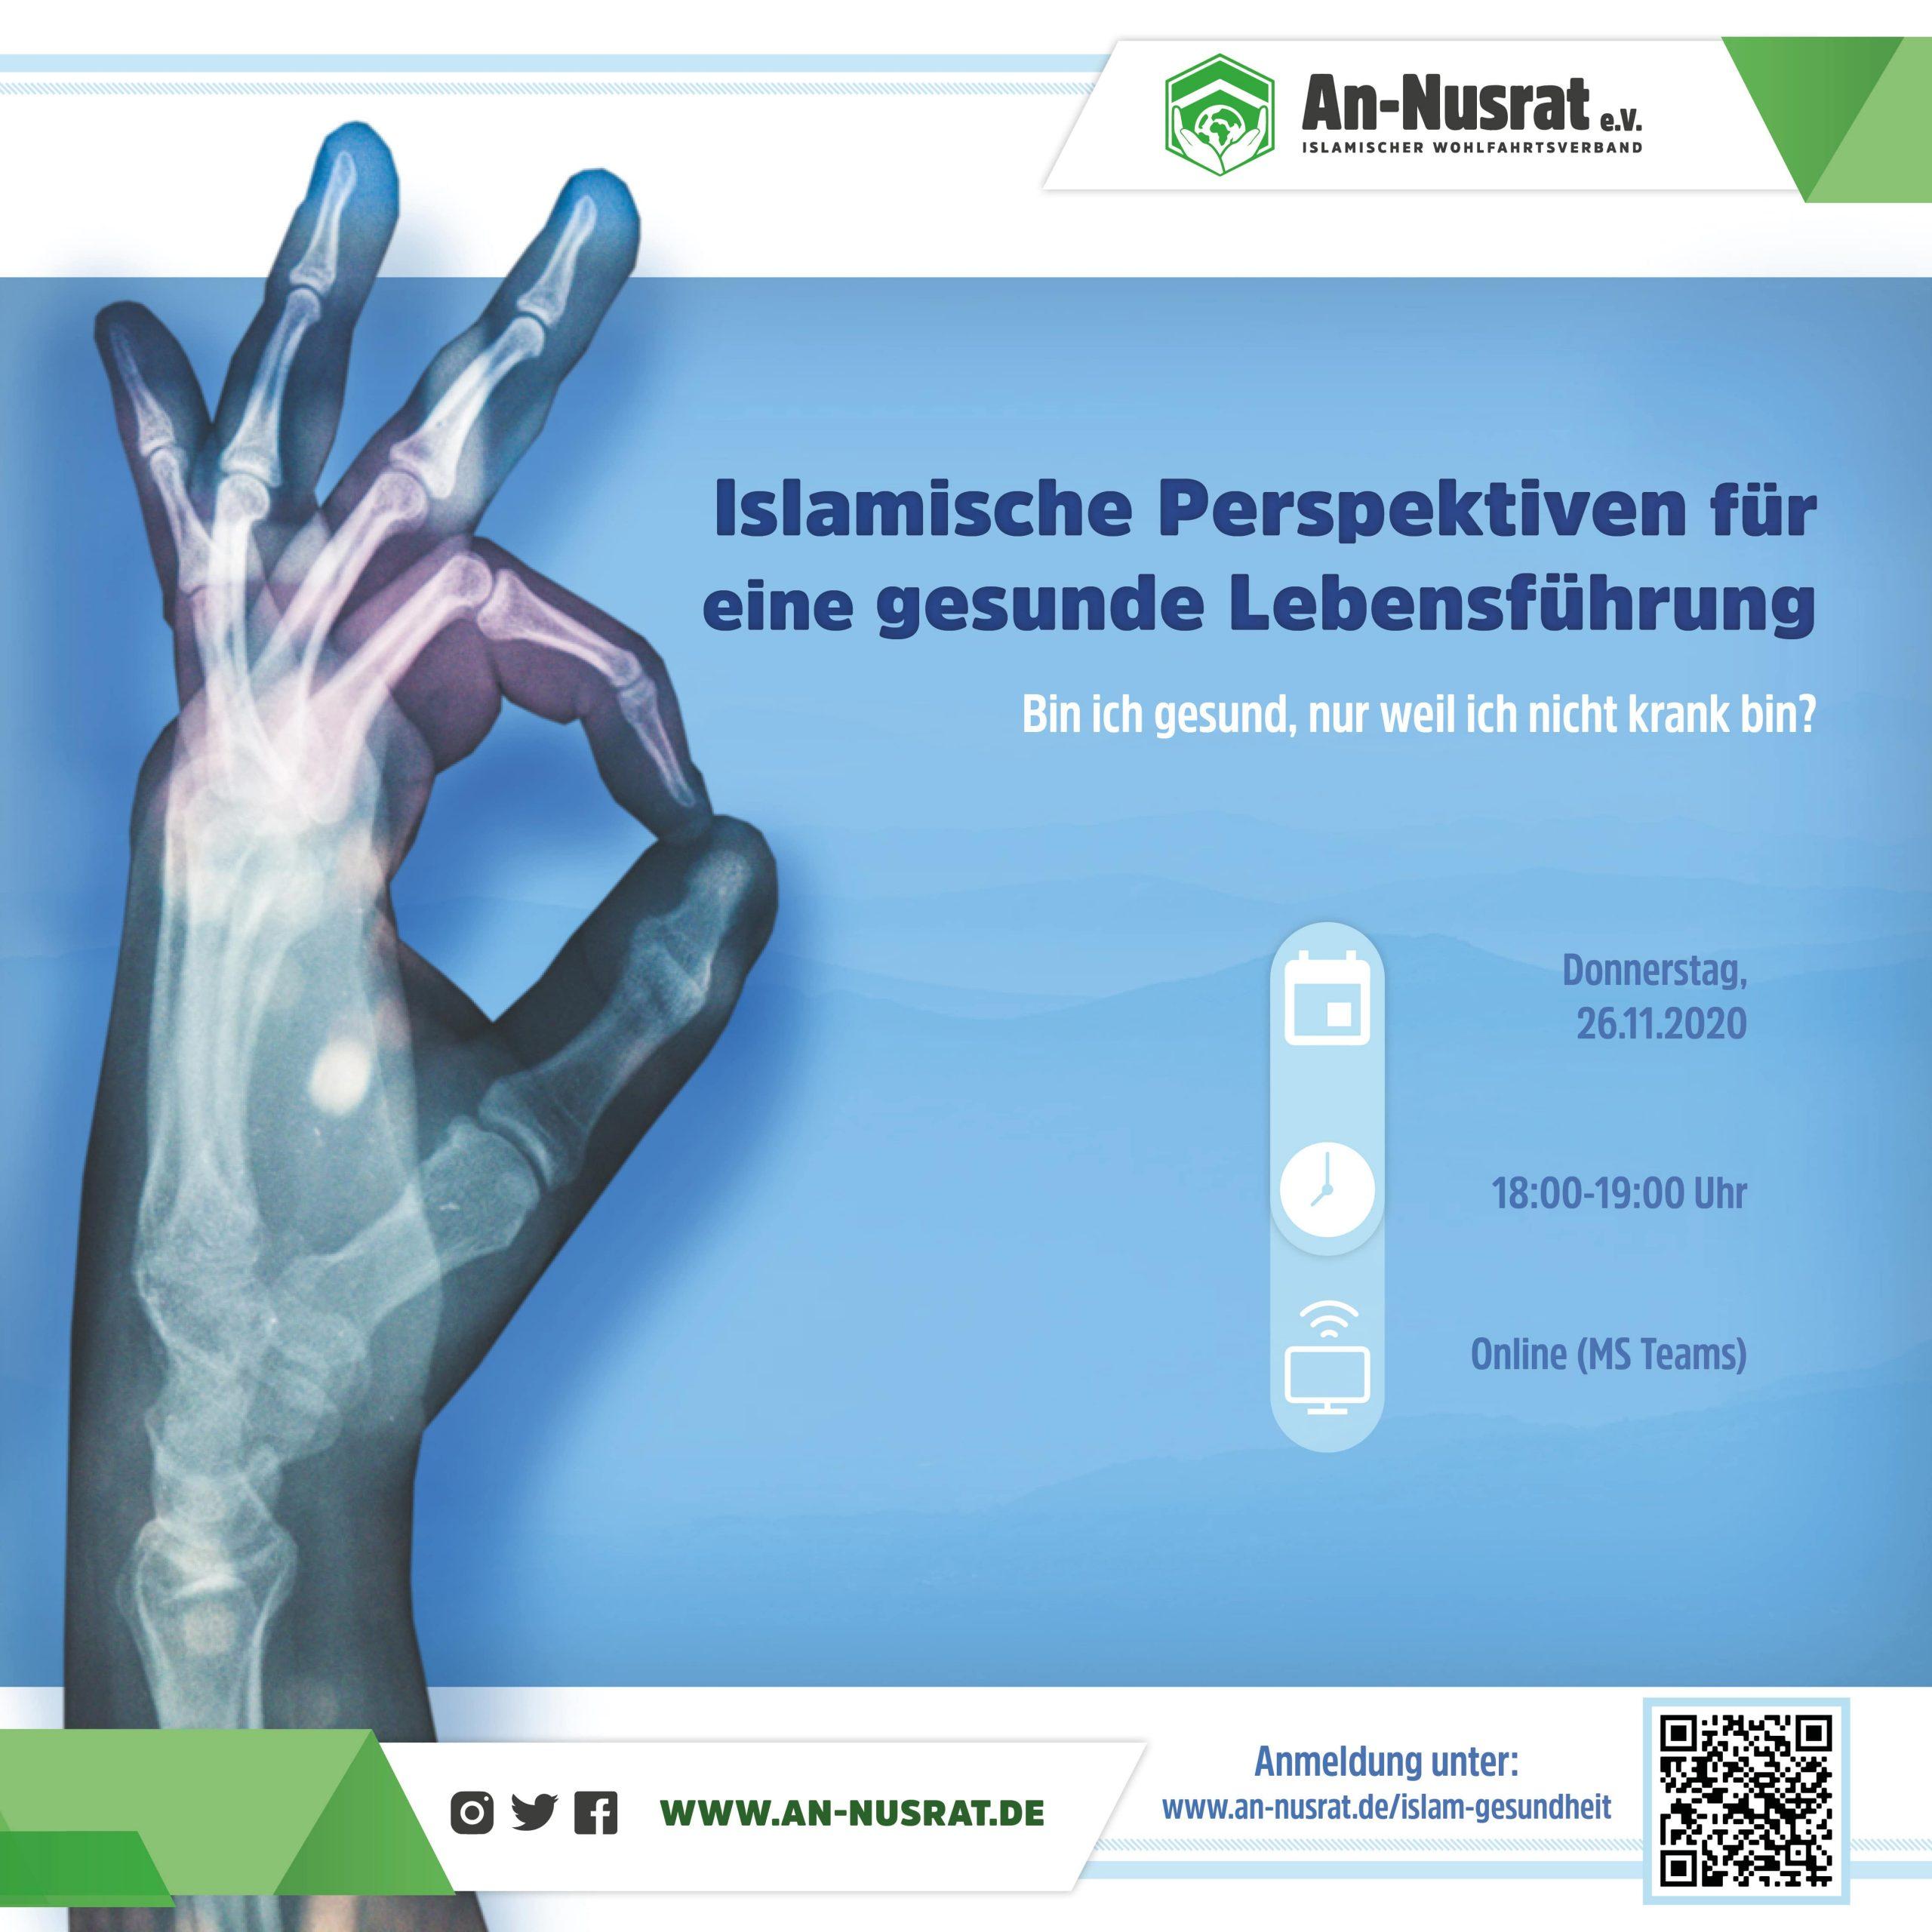 Islam und Gesundheit: Islamische Perspektiven für eine gesunde Lebensführung